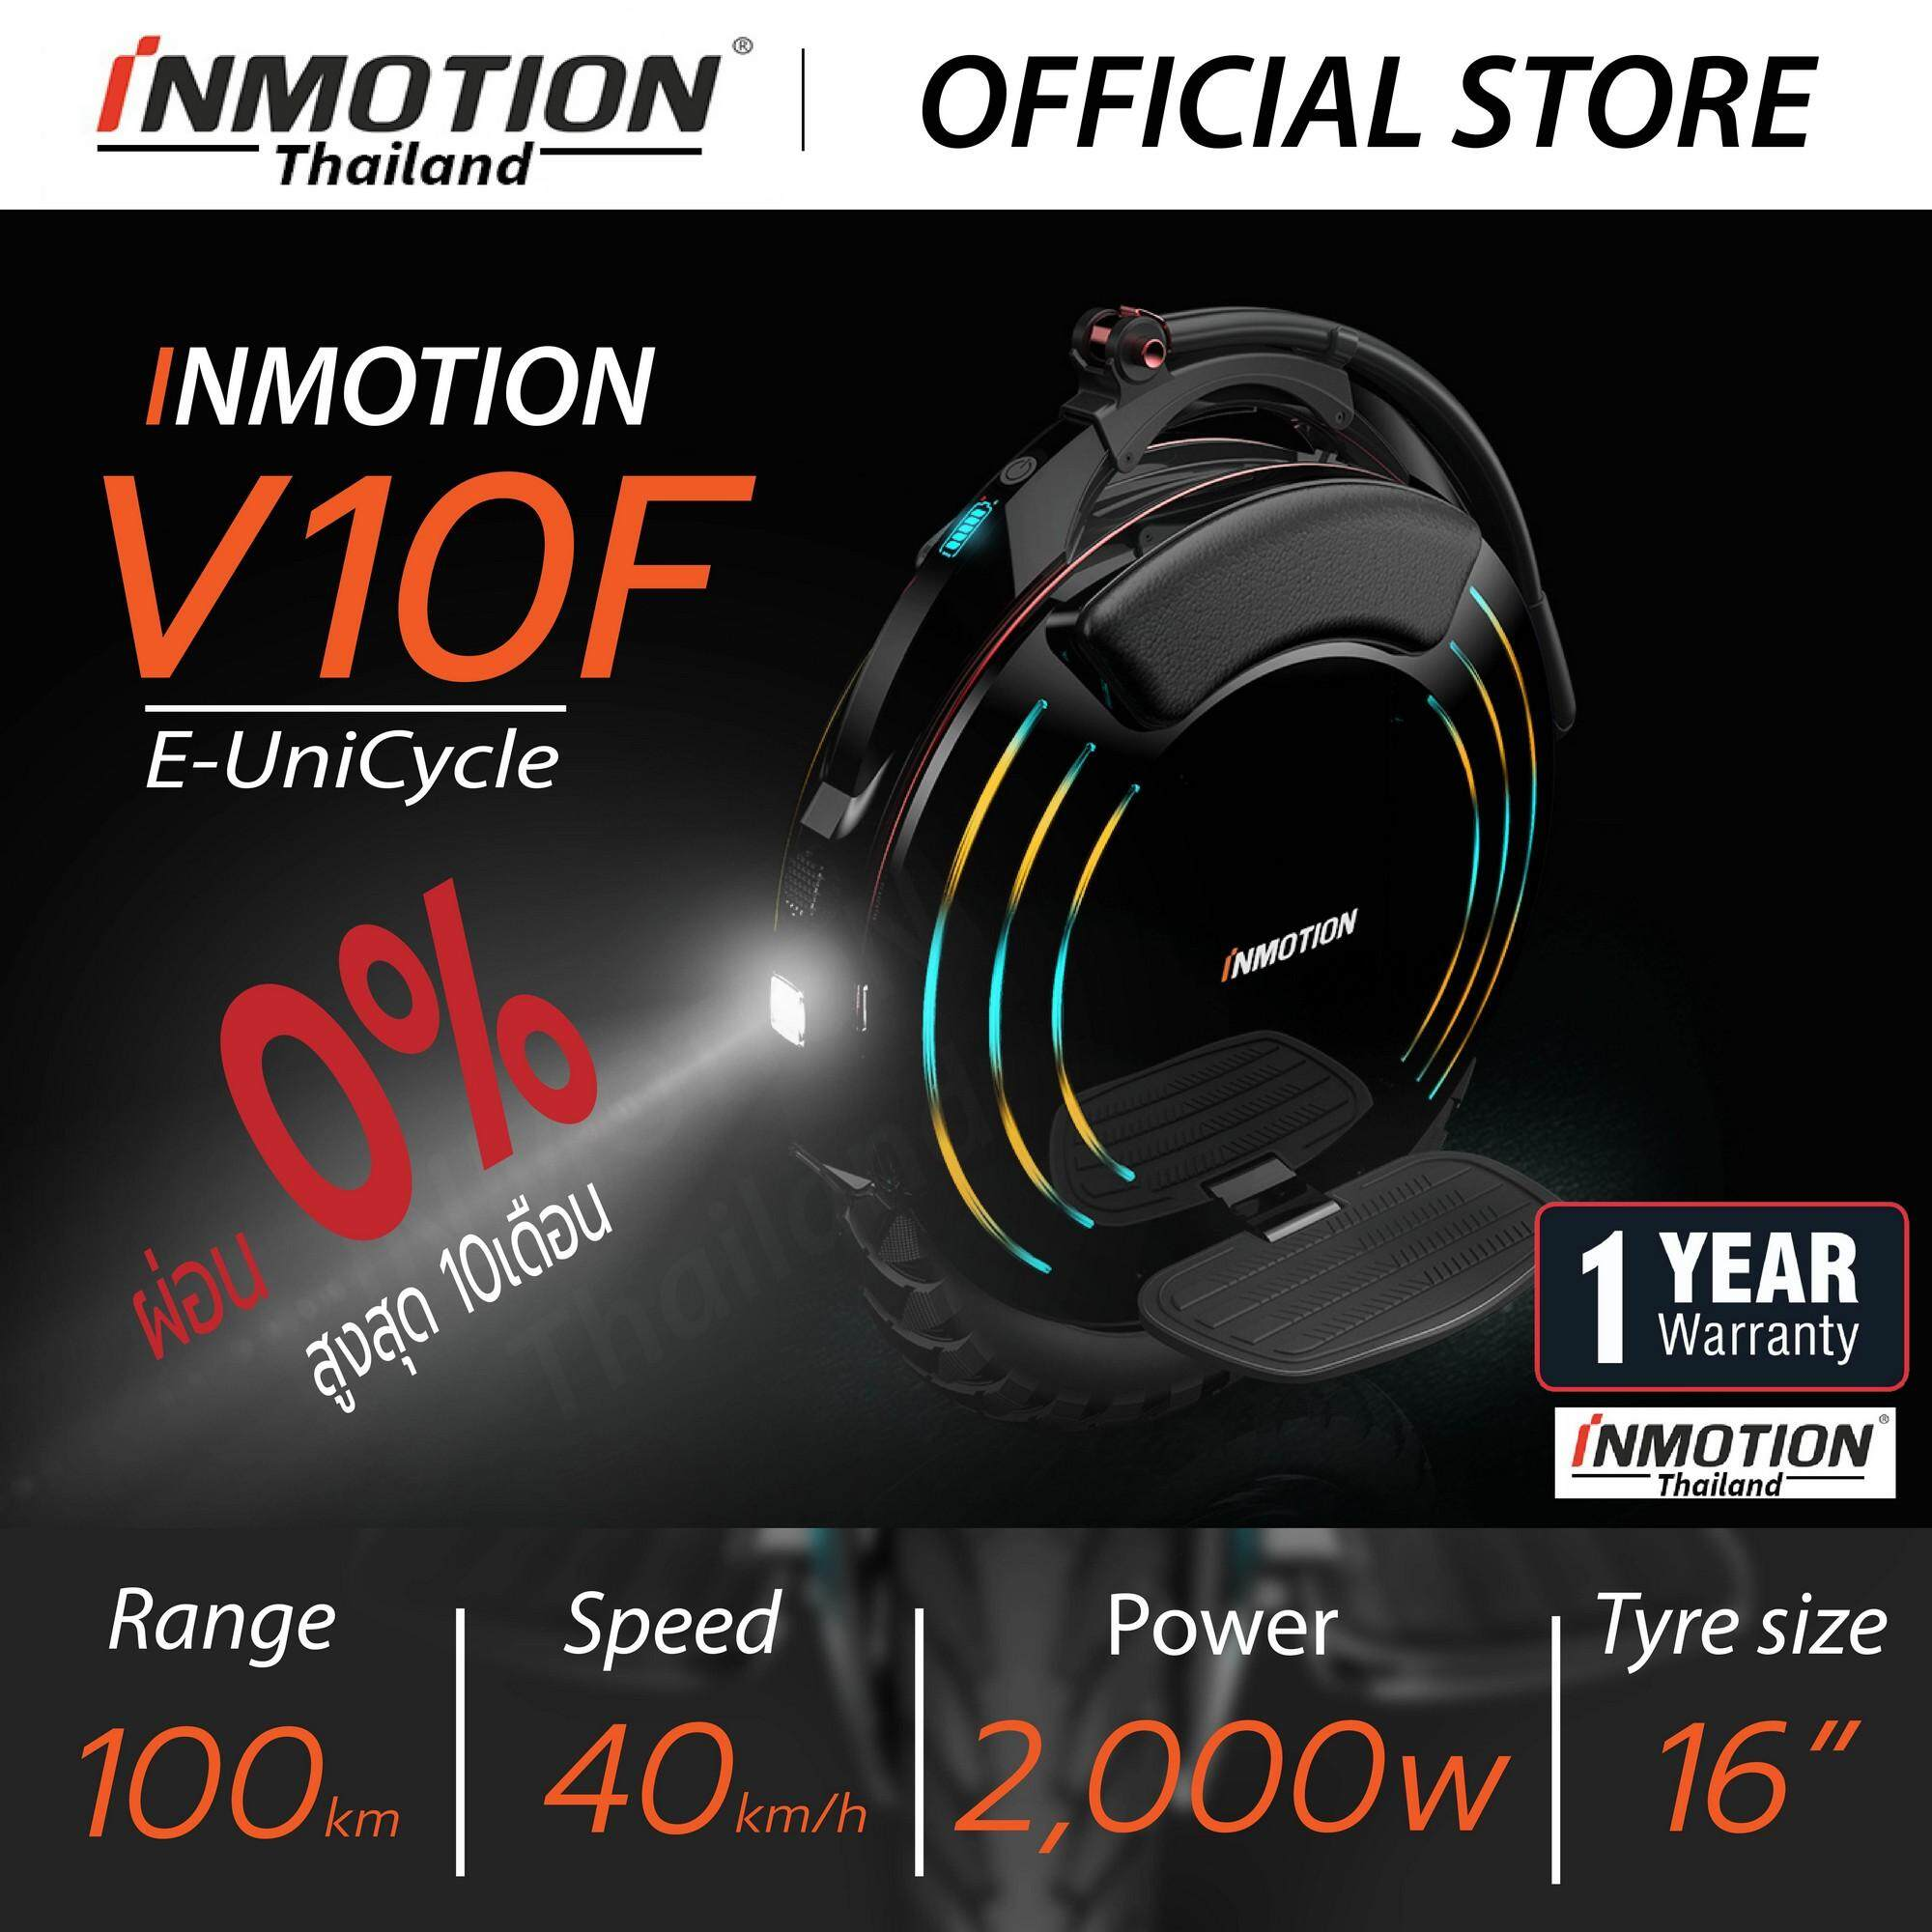 รถล้อเดียวไฟฟ้า Inmotion V10f (v10f Electric Unicycle) By Inmotion Thailand (by Ewheels Thailand).